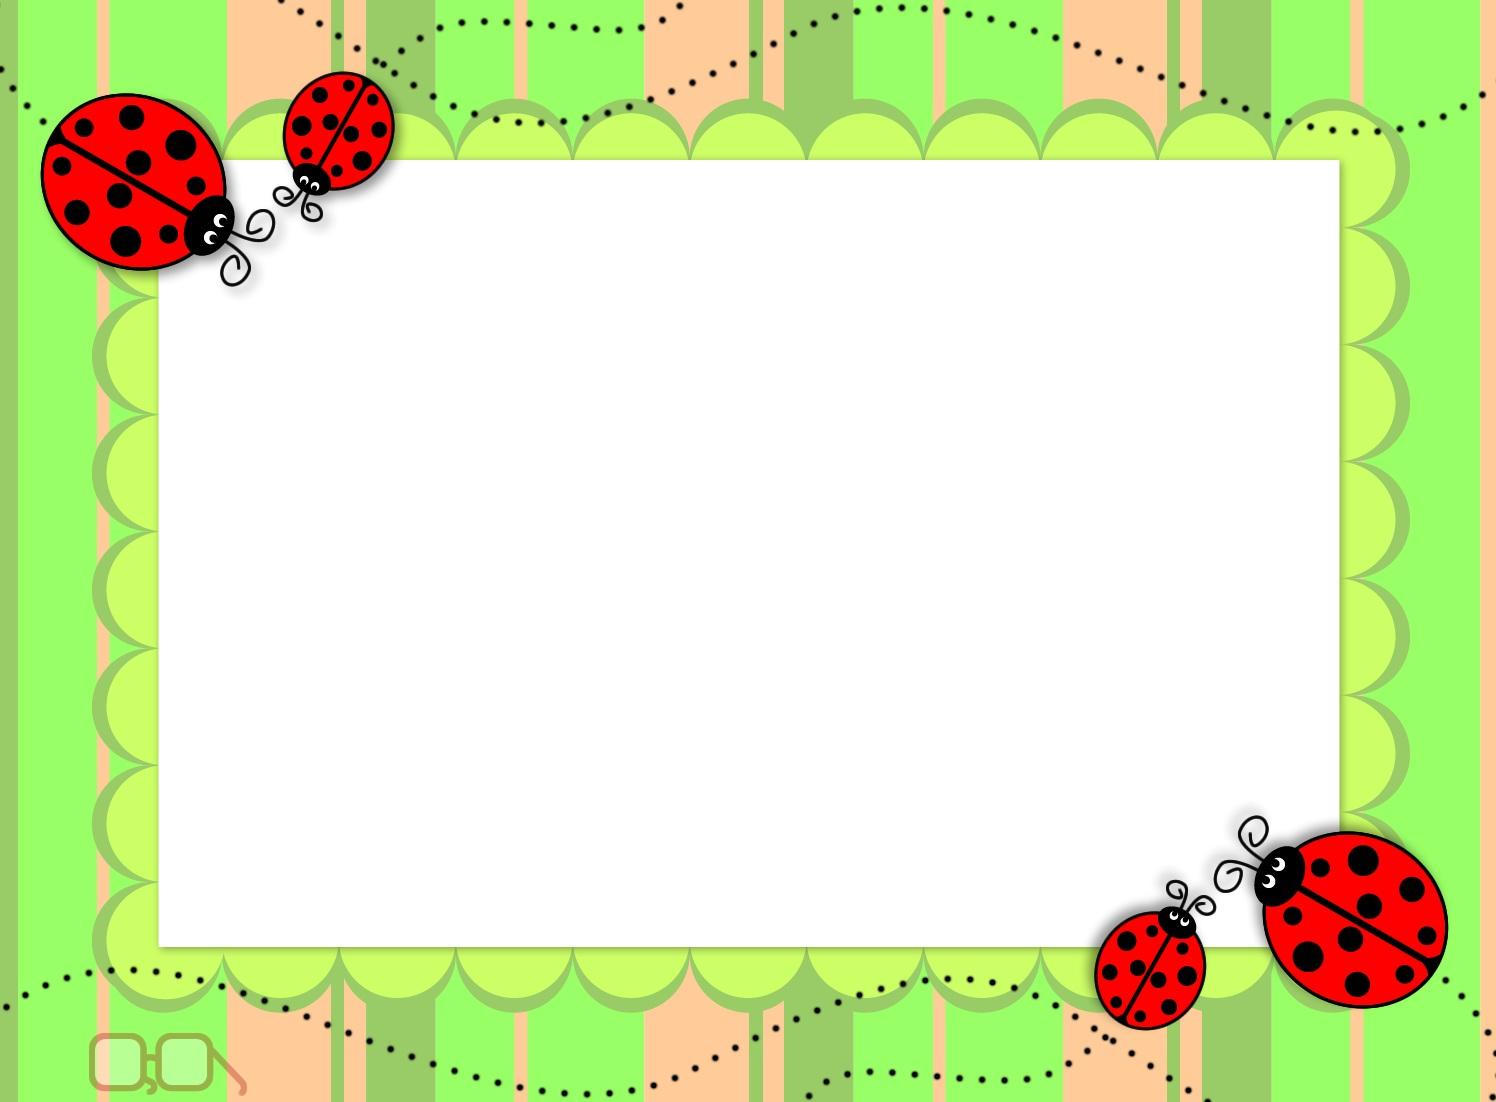 Bordas e Molduras em png florais para fotos! Inscreva seu e-mail gratuitamente e de modo seguro: Delivered by FeedBurner Todas as imagens em gif postadas no